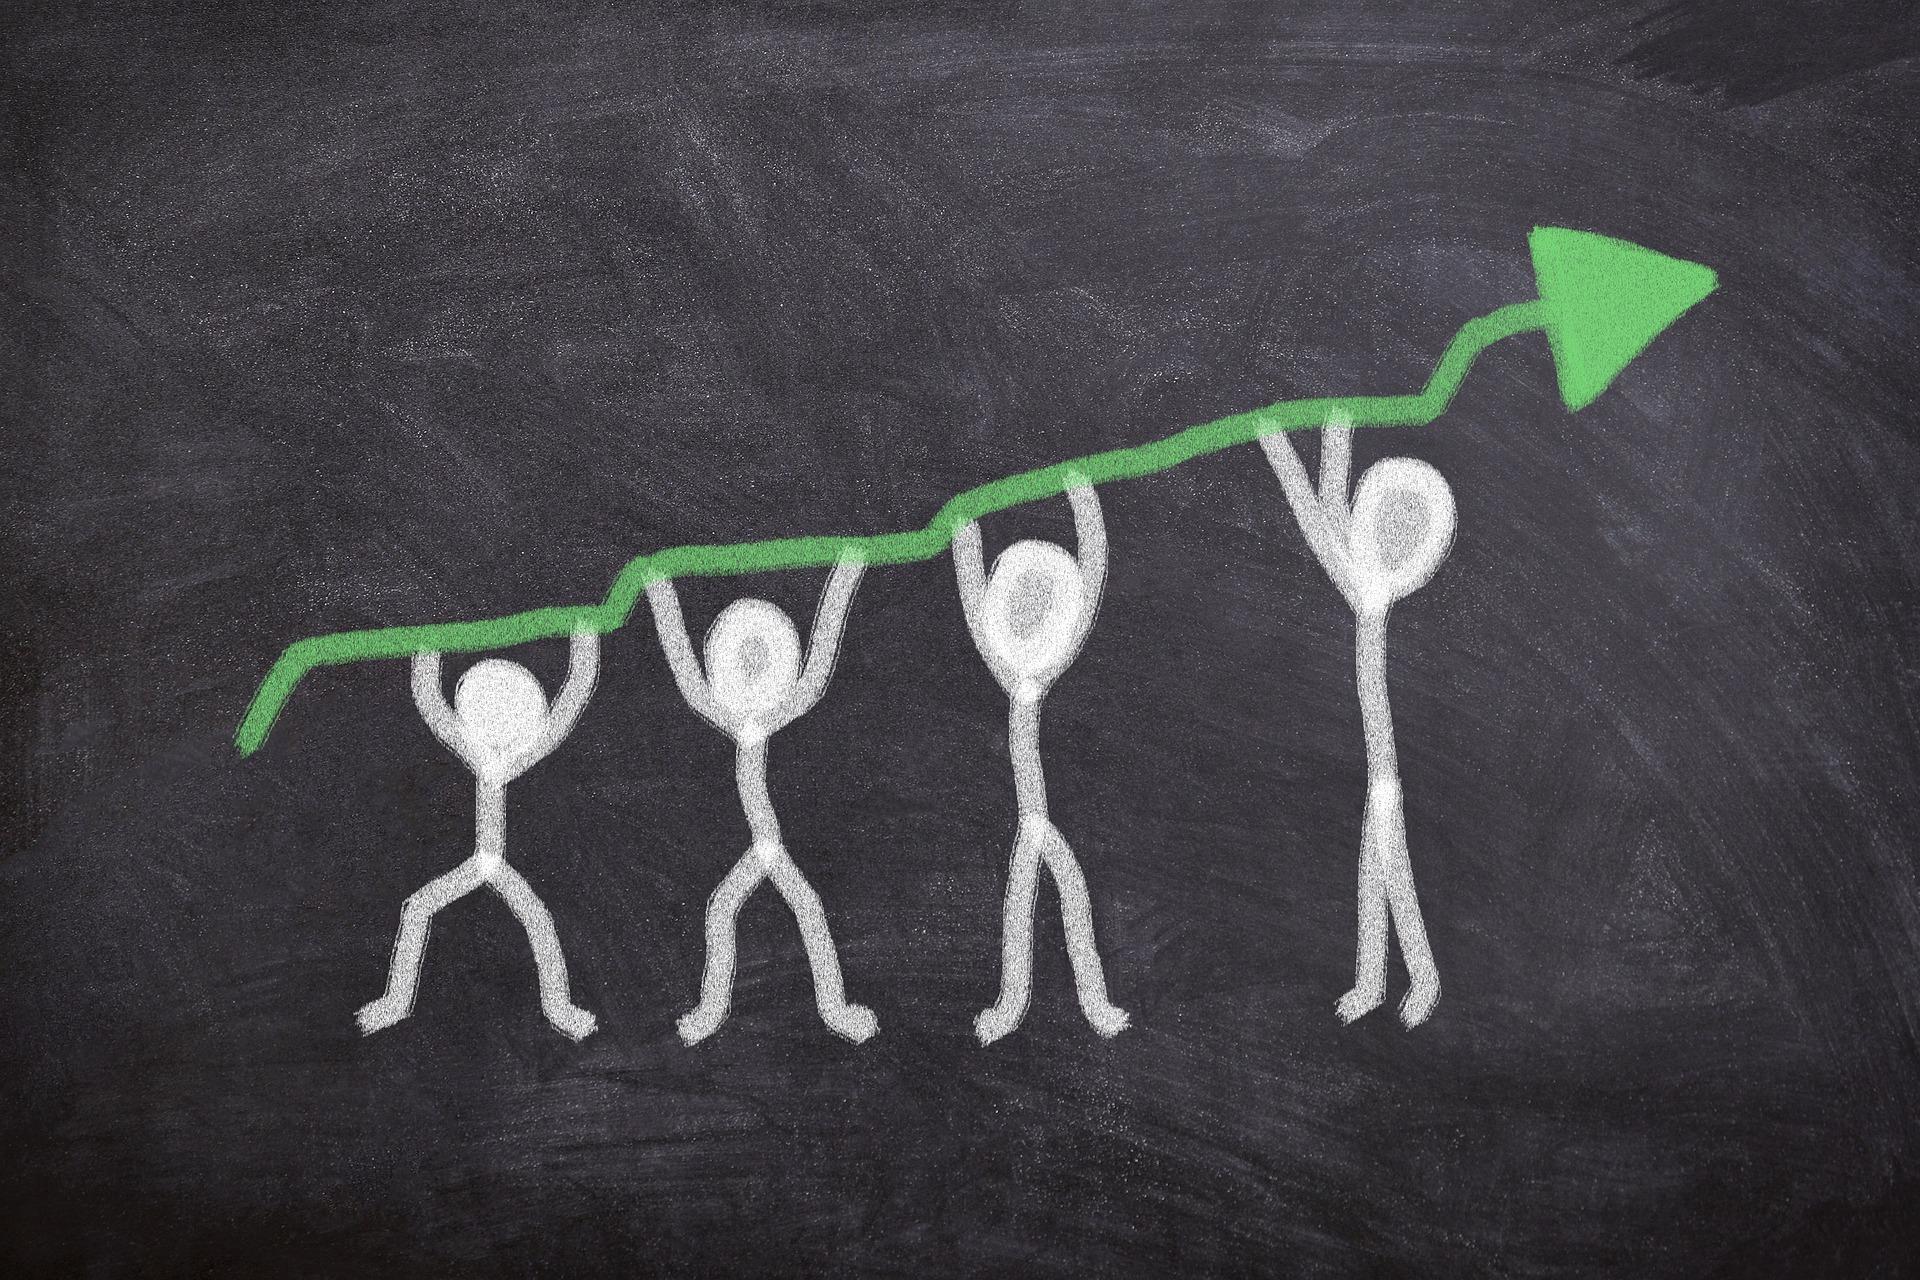 Grafik zur Veranschaulichung, dass man nur gemeinsam wachsen kann